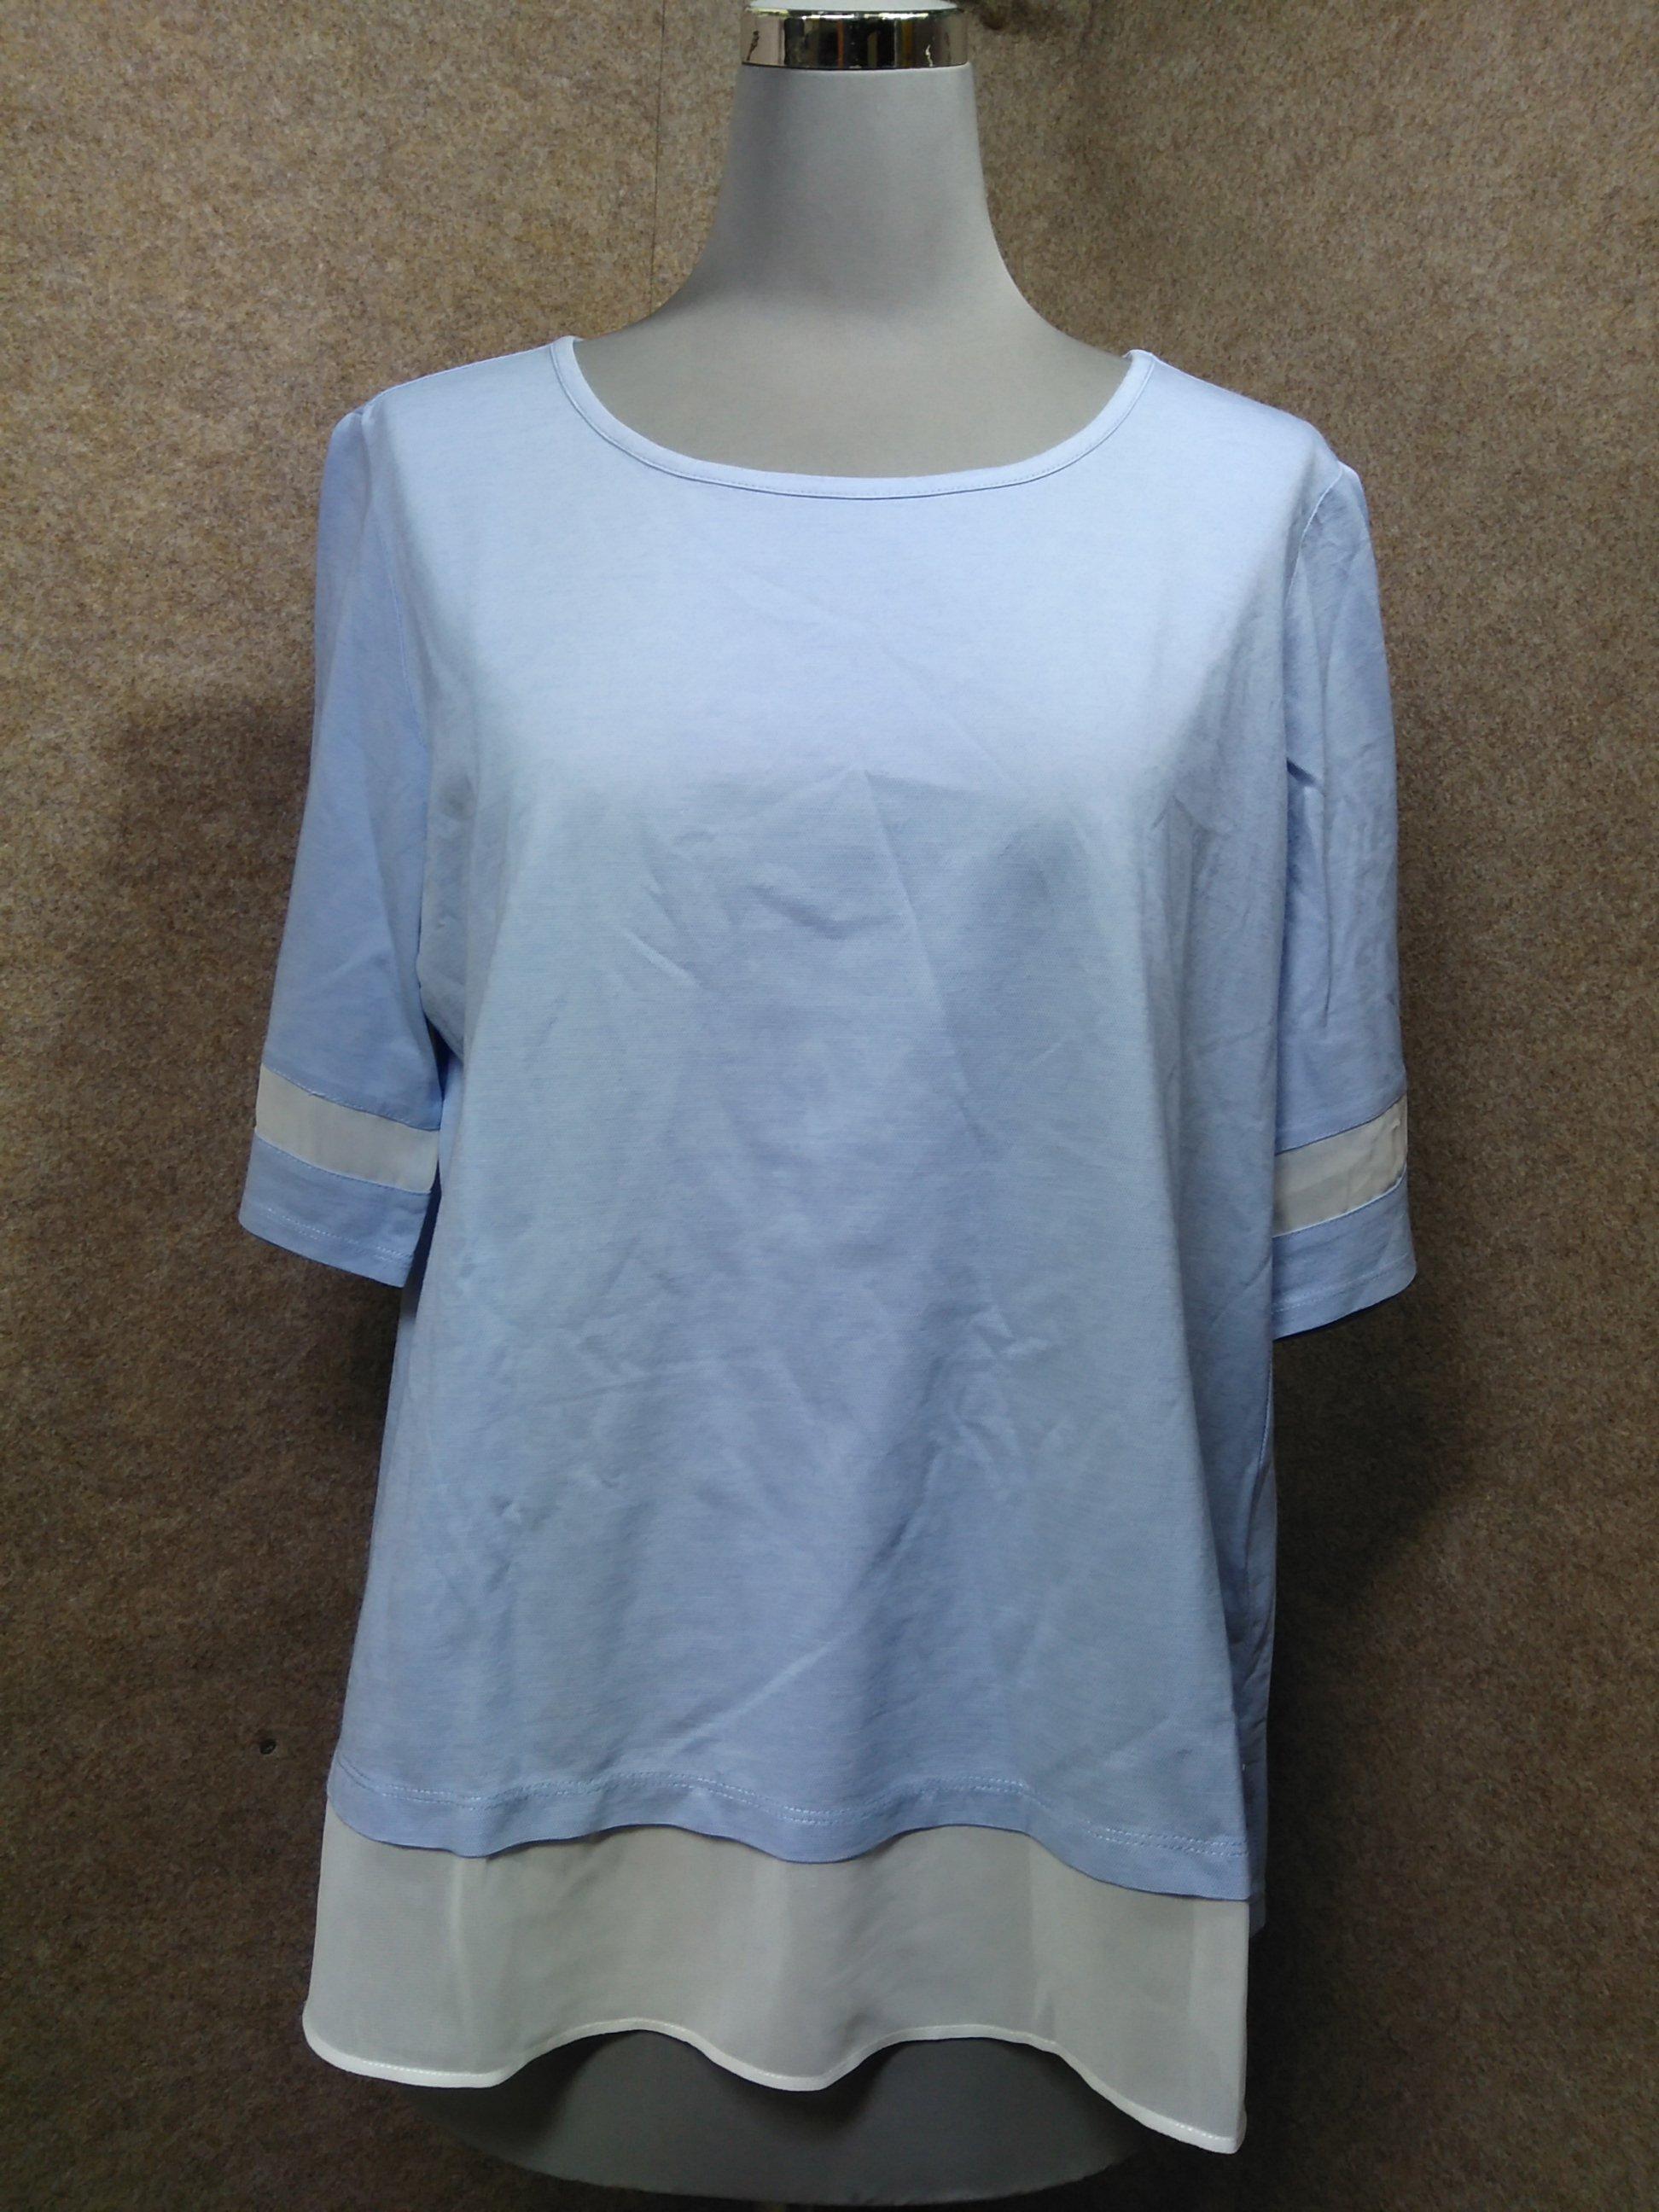 INDIVI インディヴィ Tシャツ カットソー 38 水色 mu477s